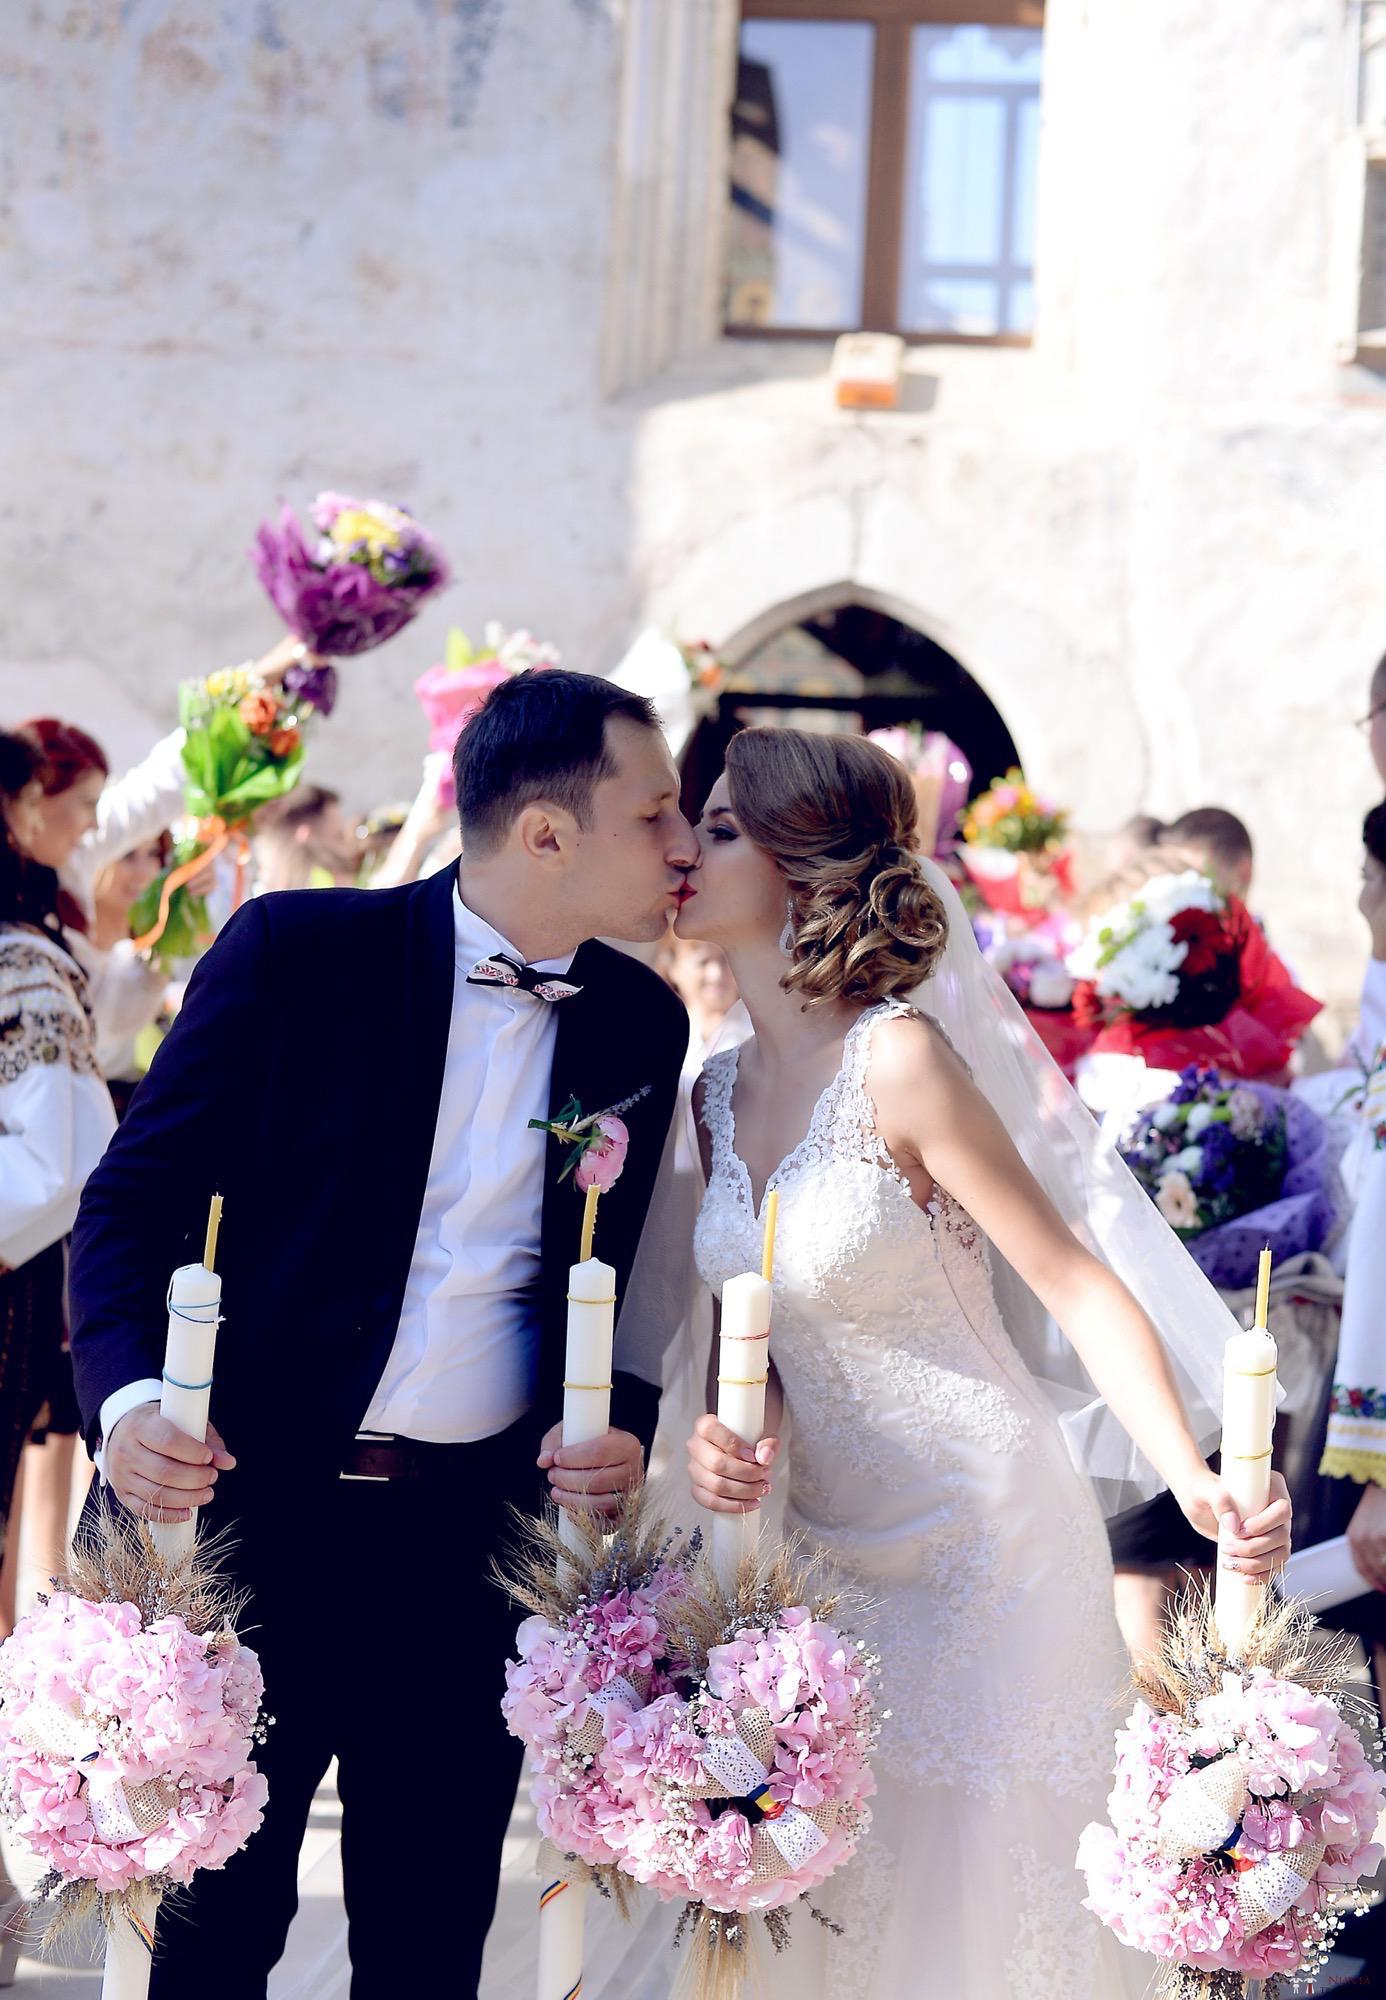 Povești Nunți Tradiționale - Iulia și Andrei. Nuntă tradițională în Bucovina. 67